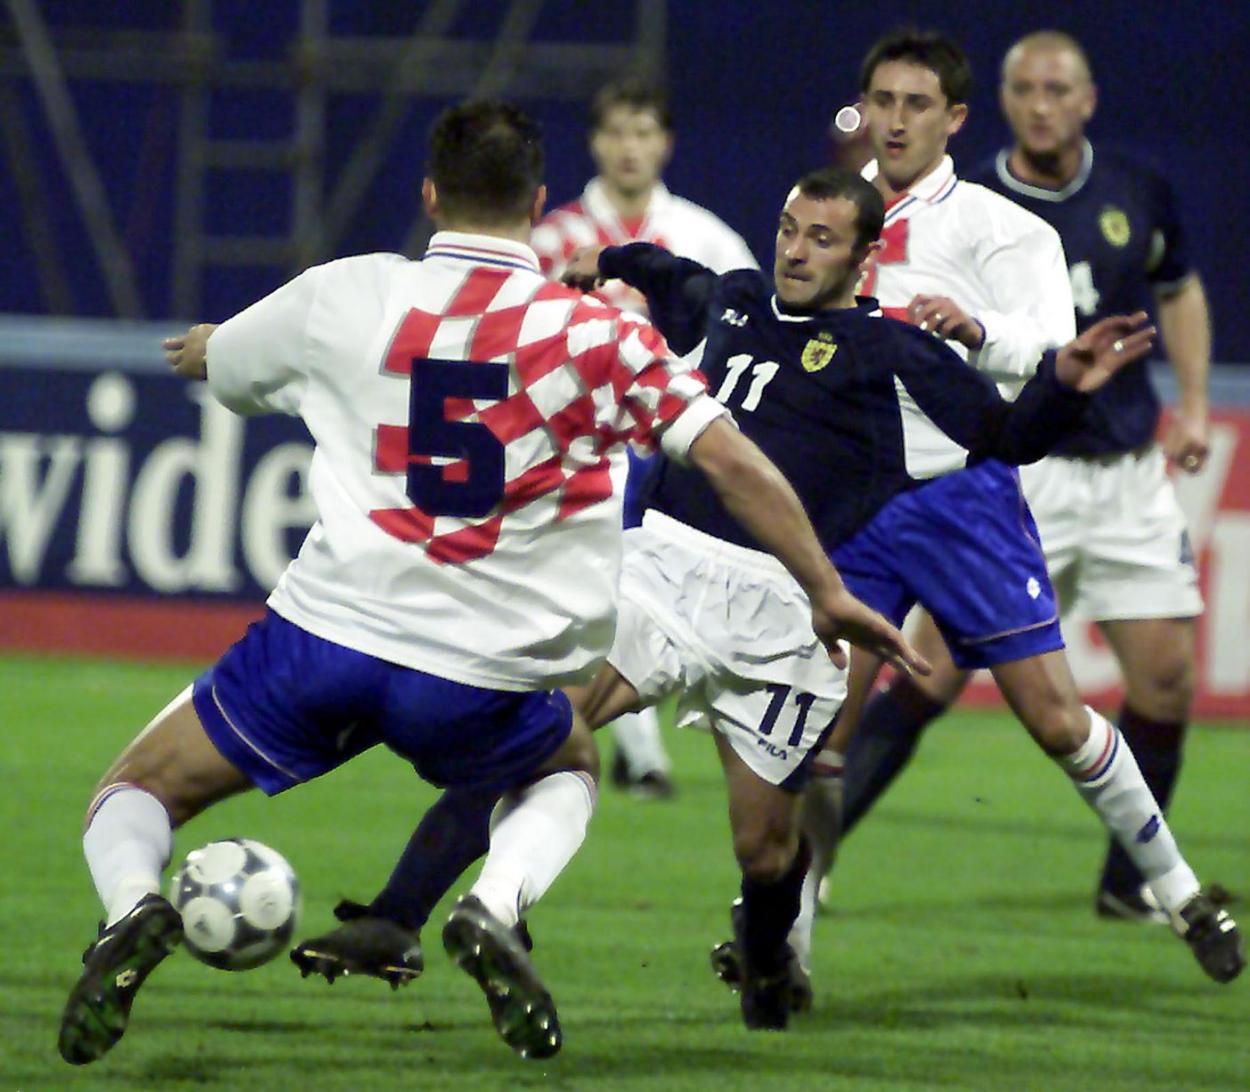 Croacia y Escocia disputando un partido en el 2000. Foto: Daily Record